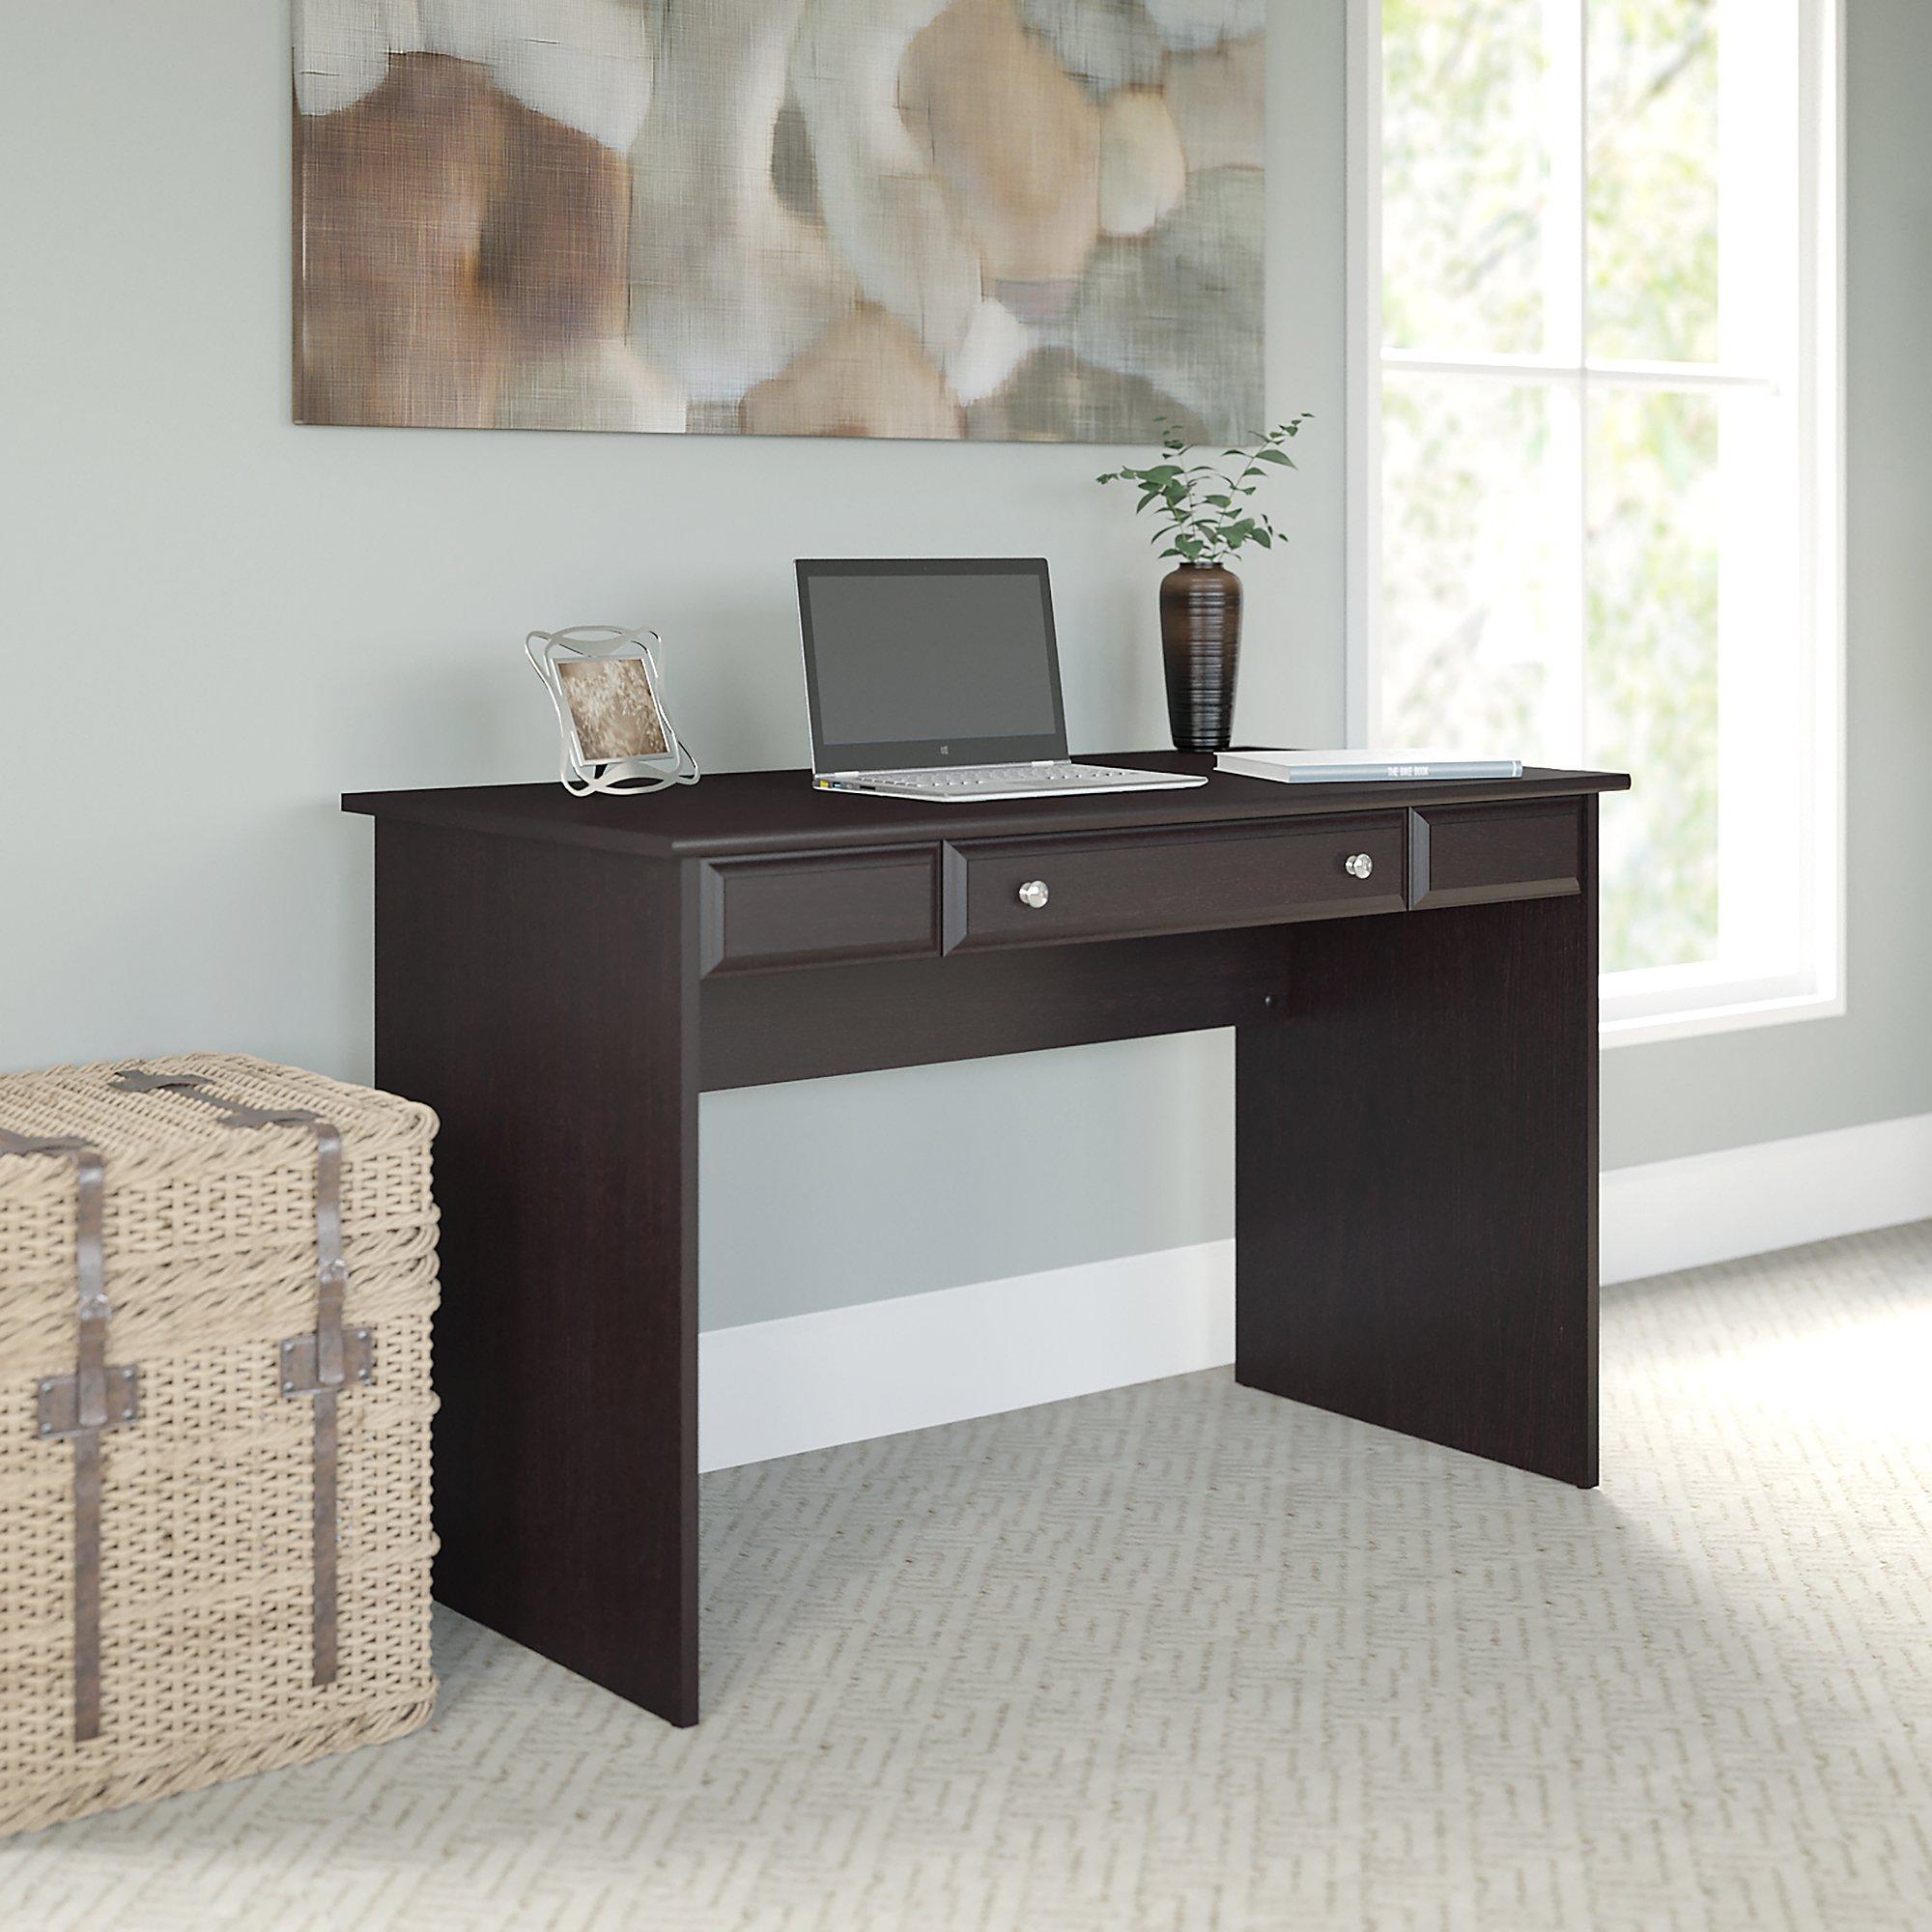 Amazon.com: Bush Furniture Cabot Writing Desk In Espresso